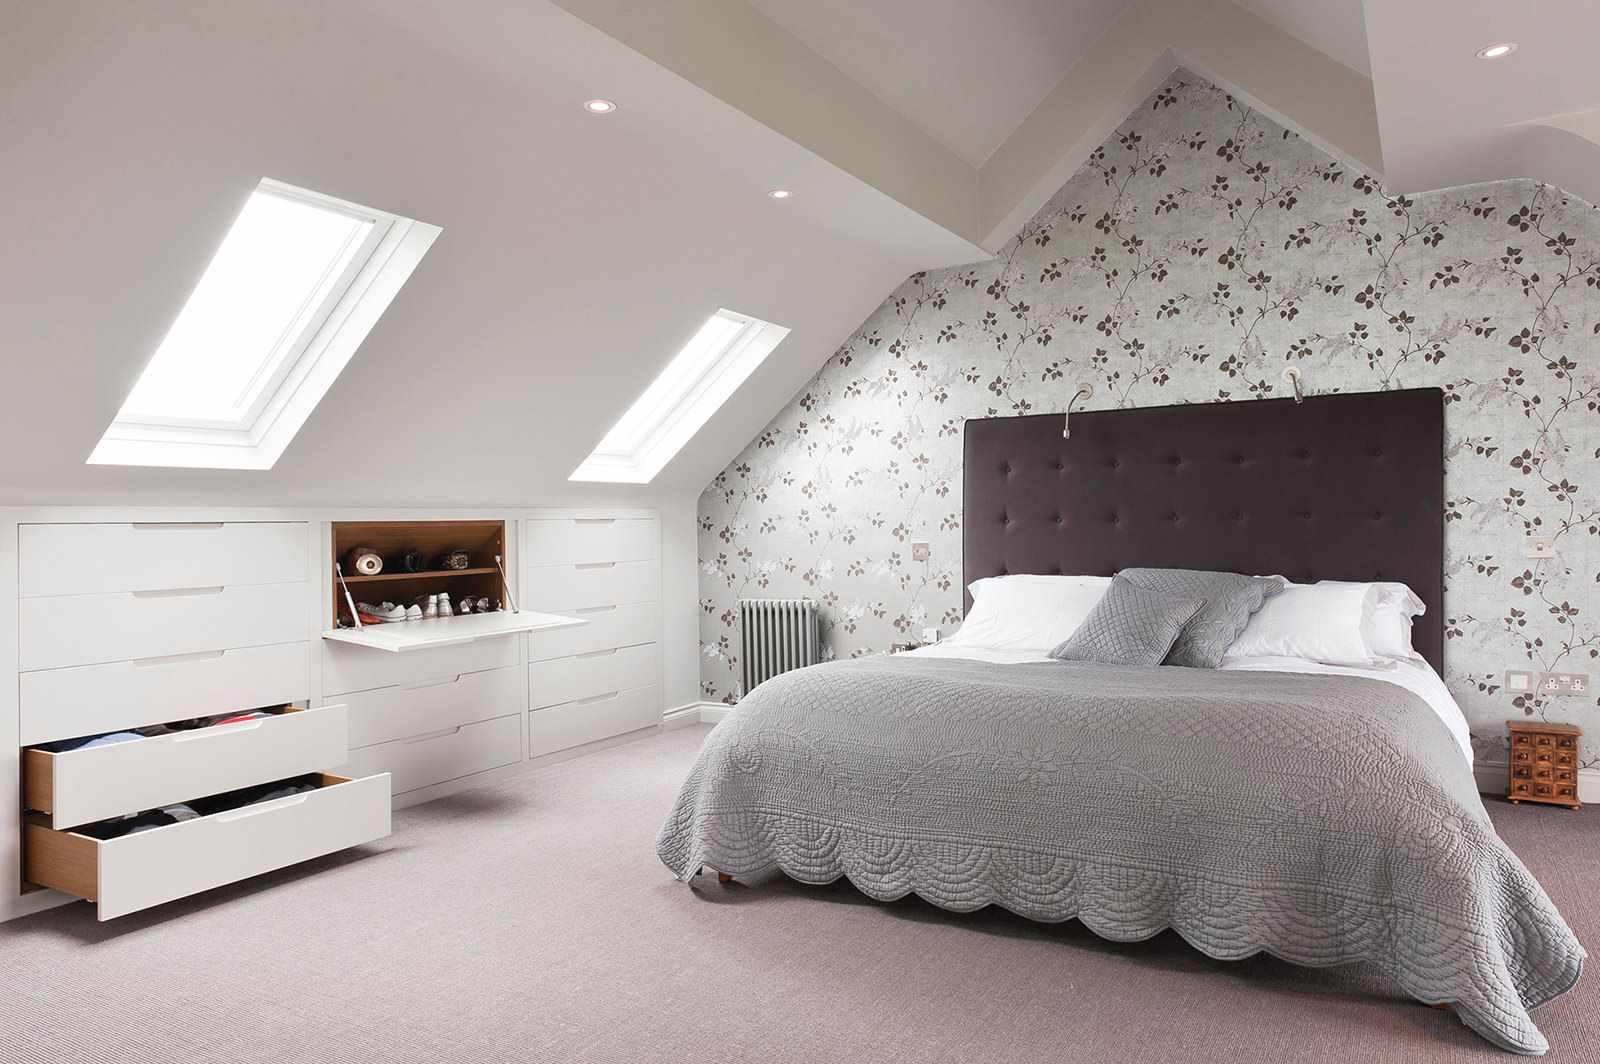 мансардные потолки дизайн фото артистки рассказывают